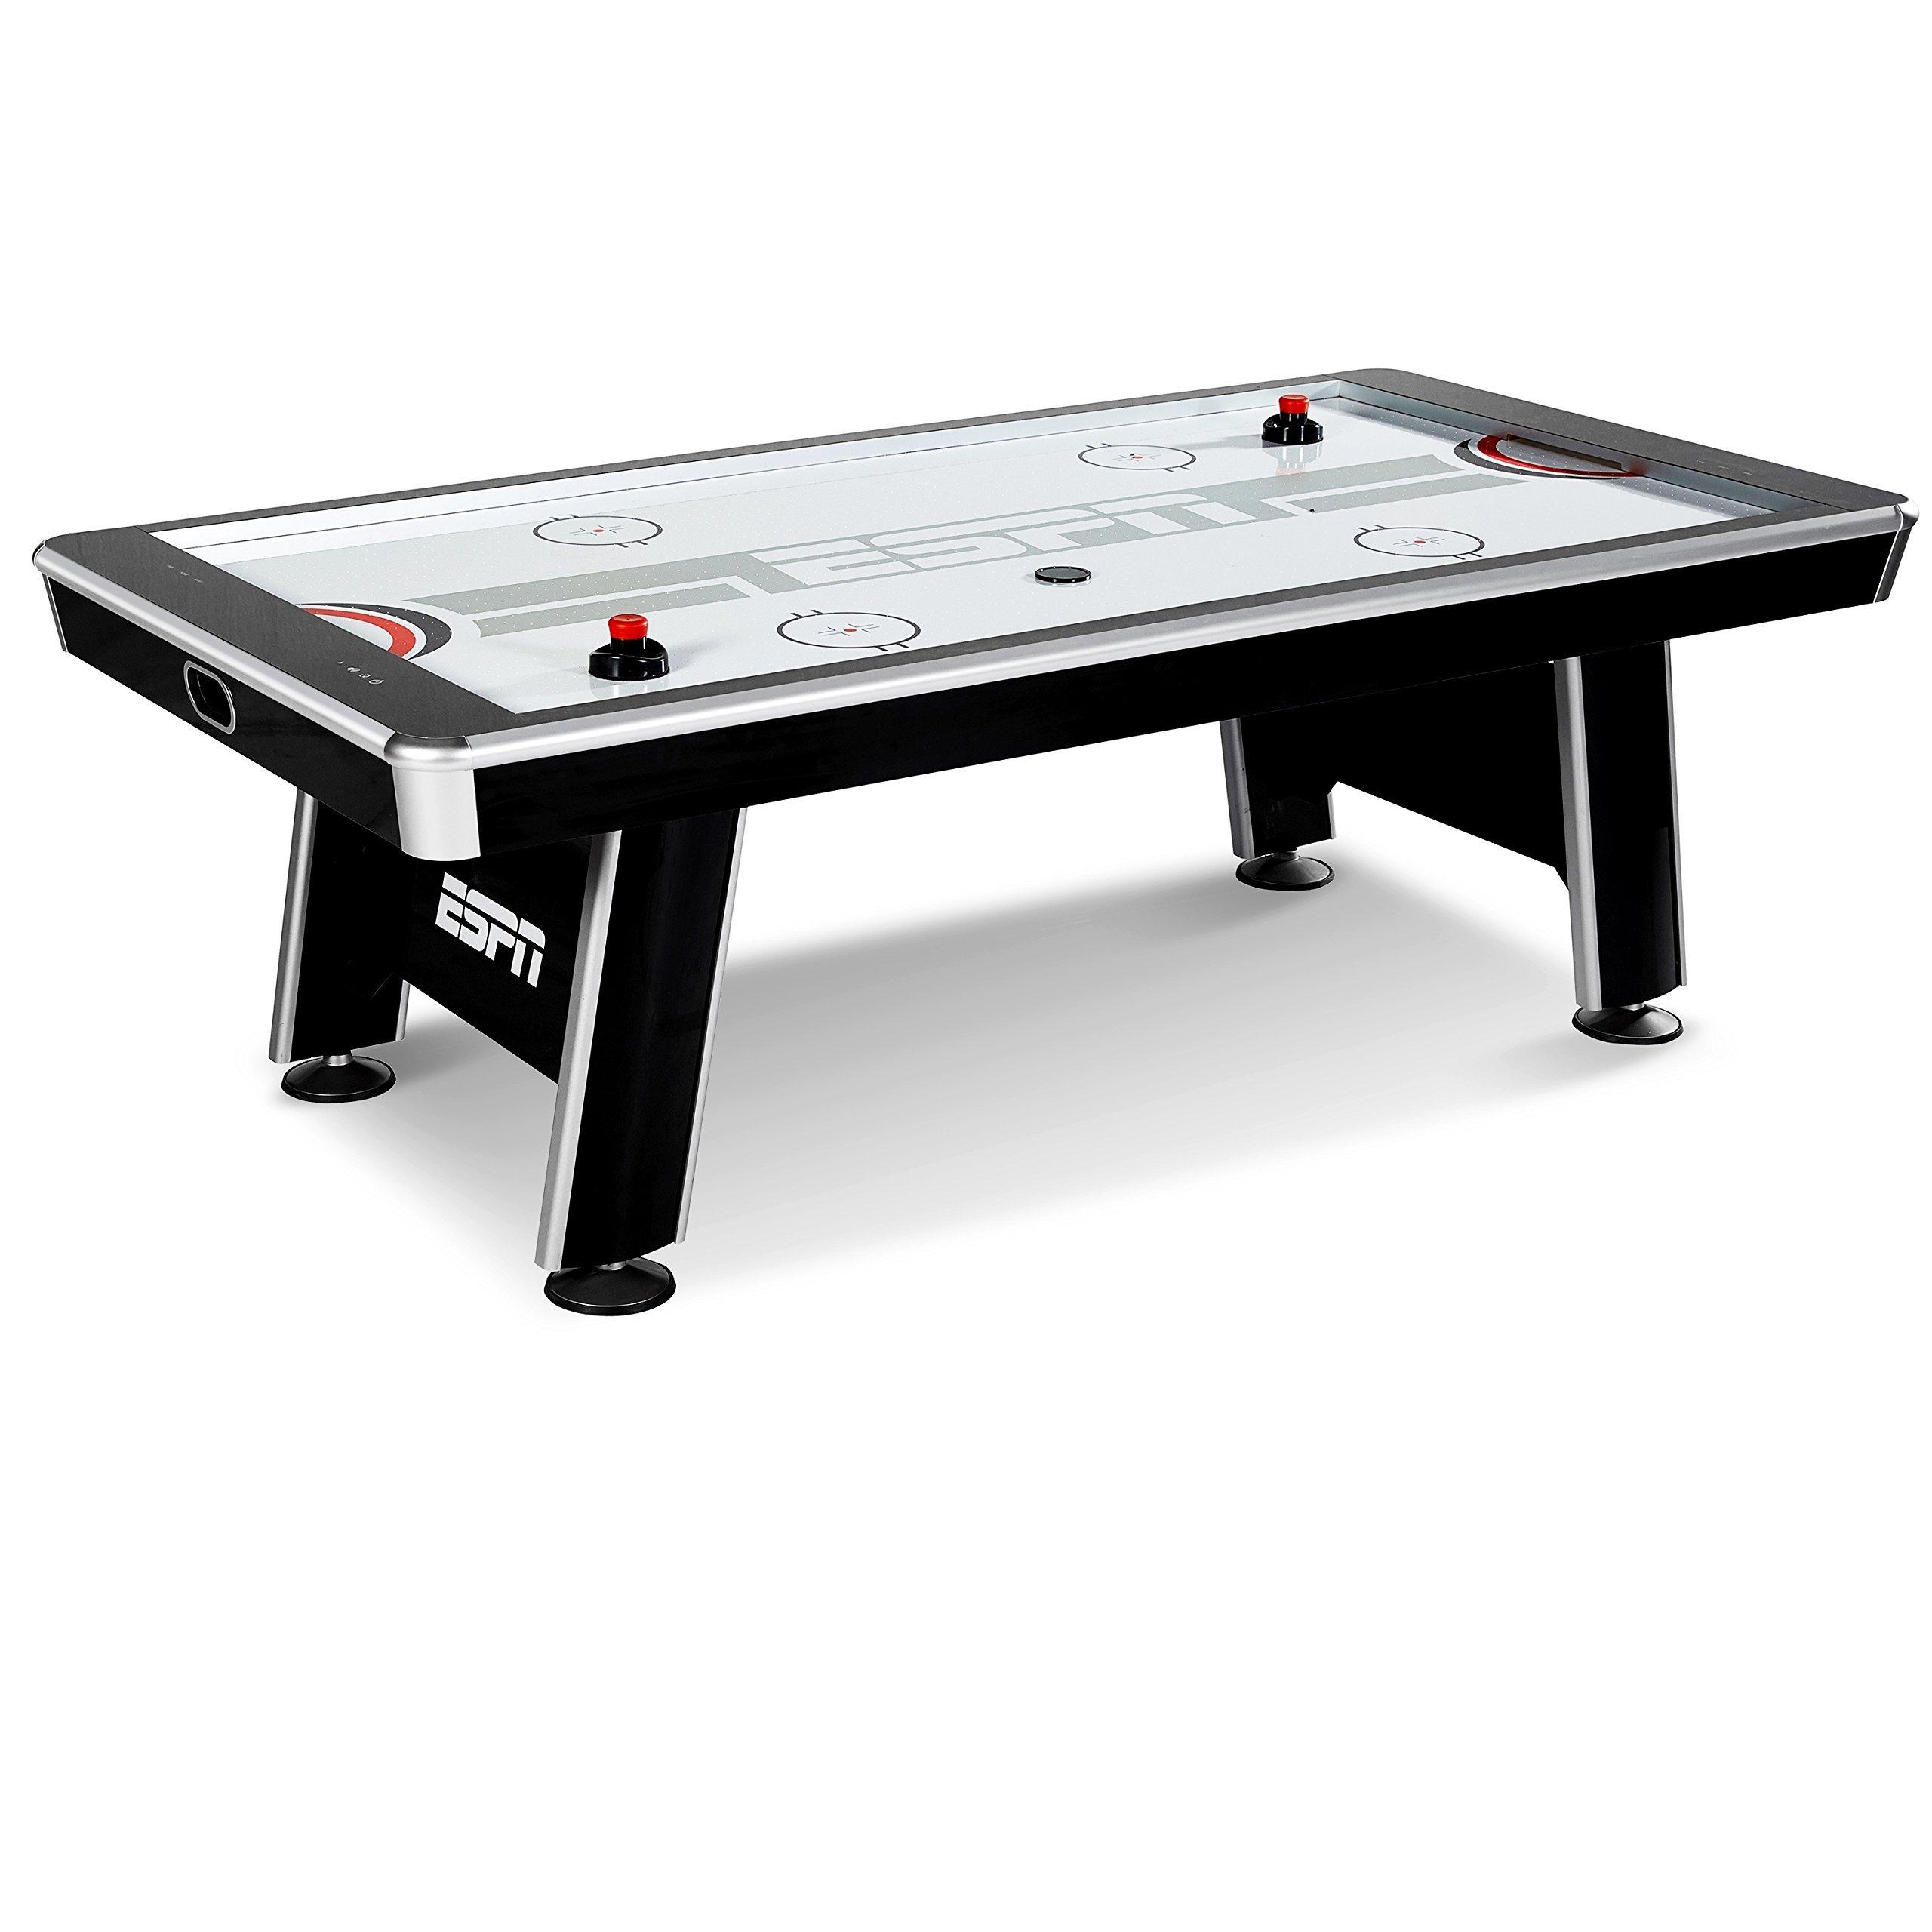 ESPN 8 ft. Silver Streak Air Powered Hockey Table